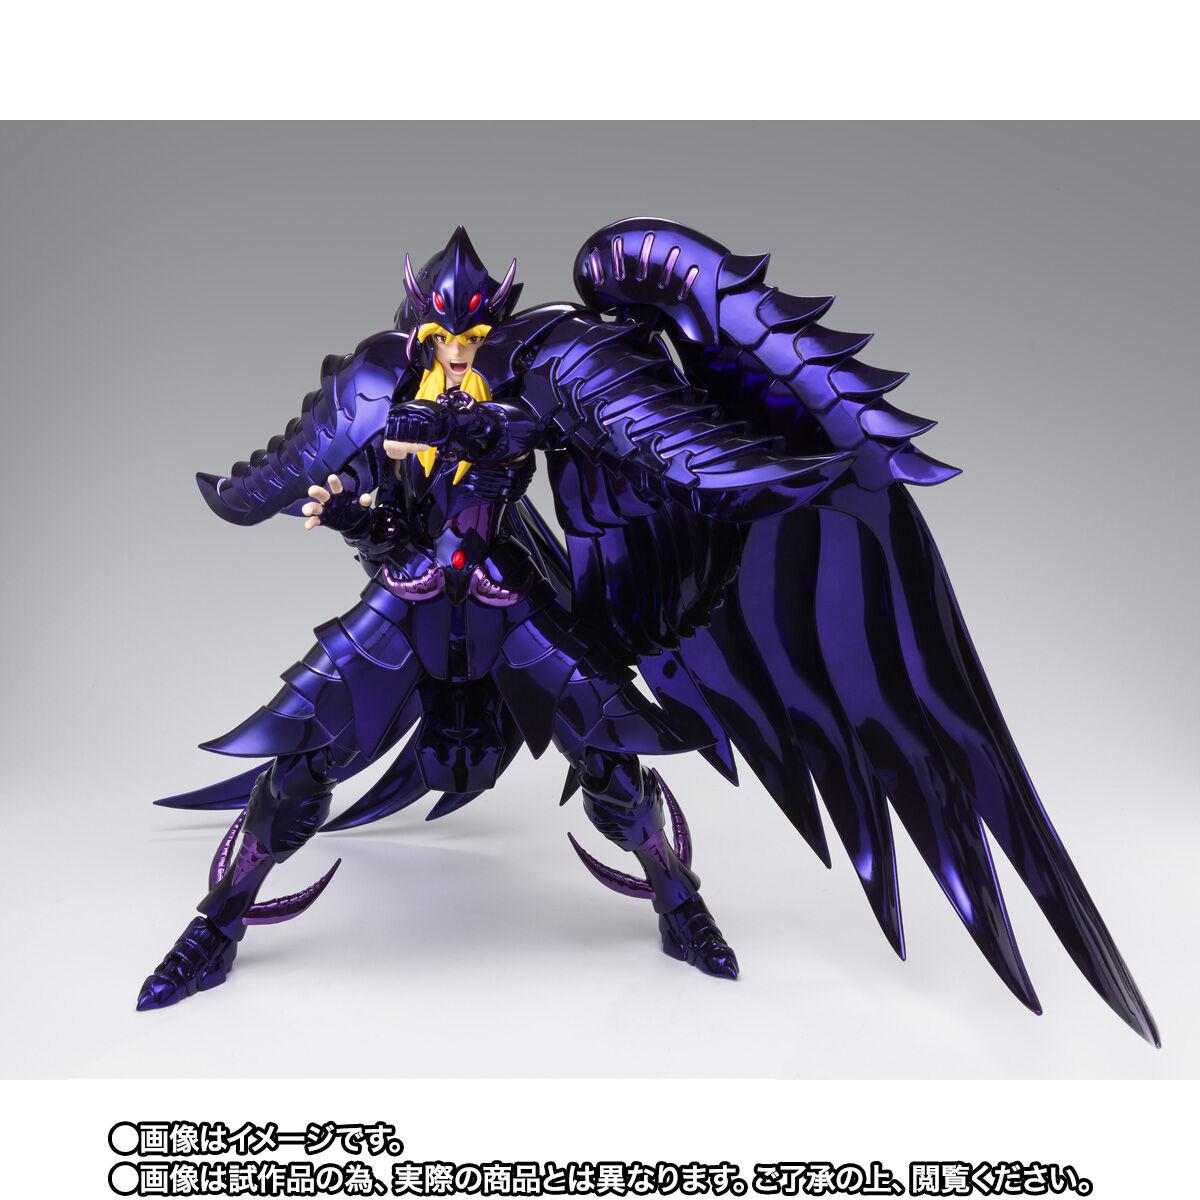 【限定販売】聖闘士聖衣神話EX『グリフォンミーノス ~ORIGINAL COLOR EDITION~』可動フィギュア-004